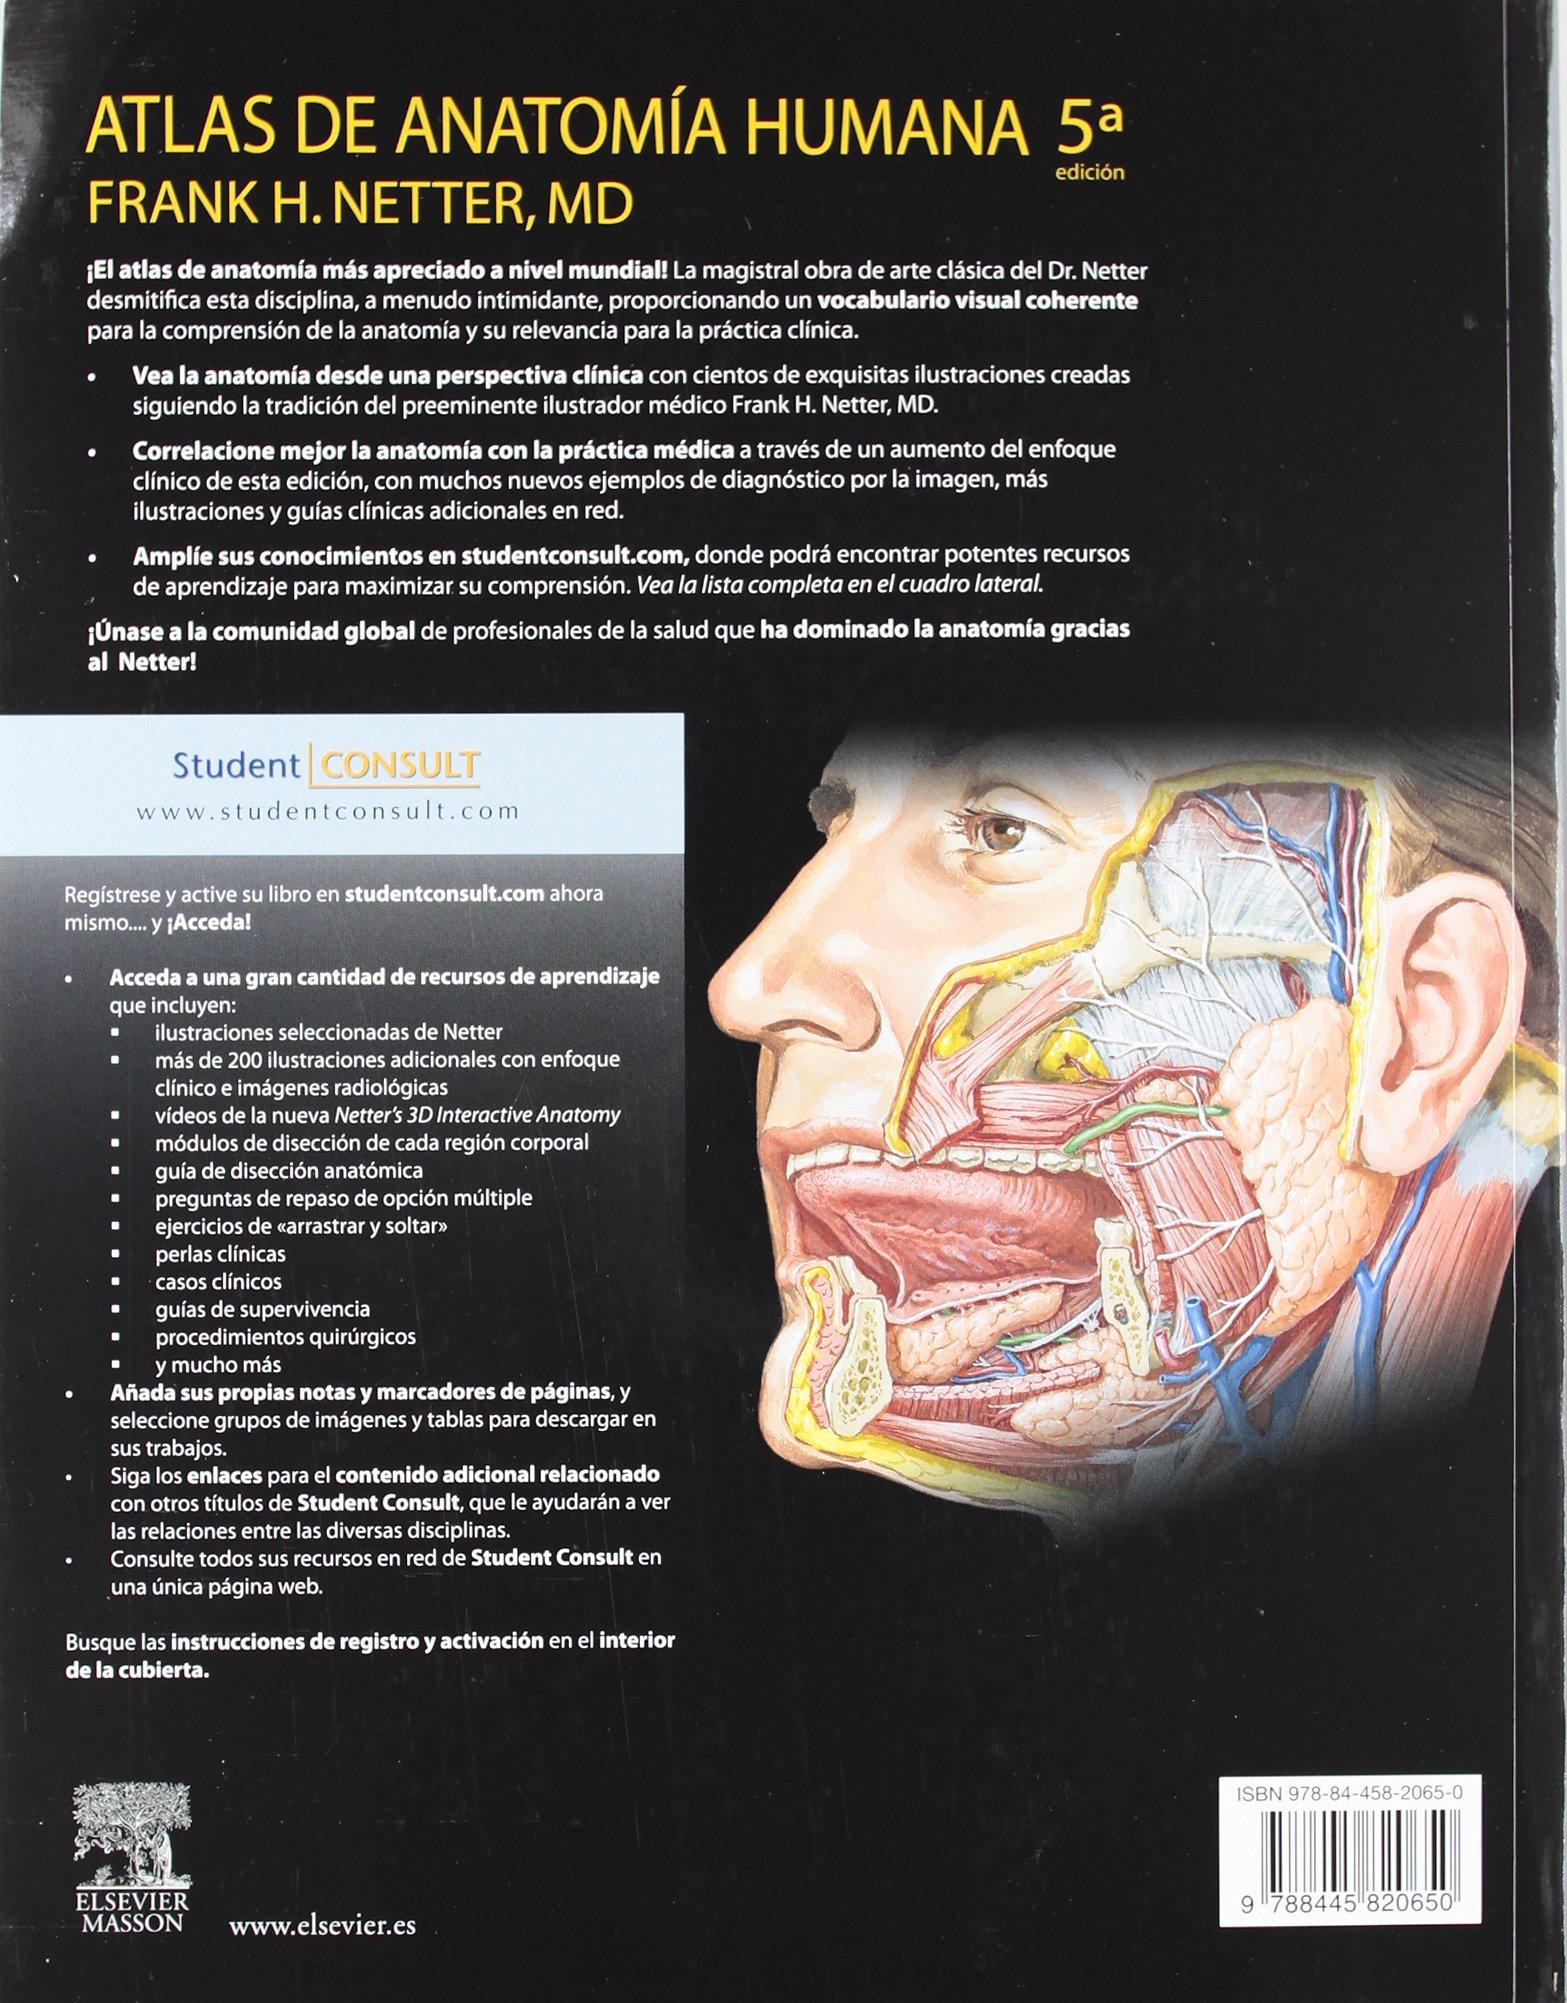 Atlas de Anatomía Humana: Amazon.es: F.H. Netter: Libros